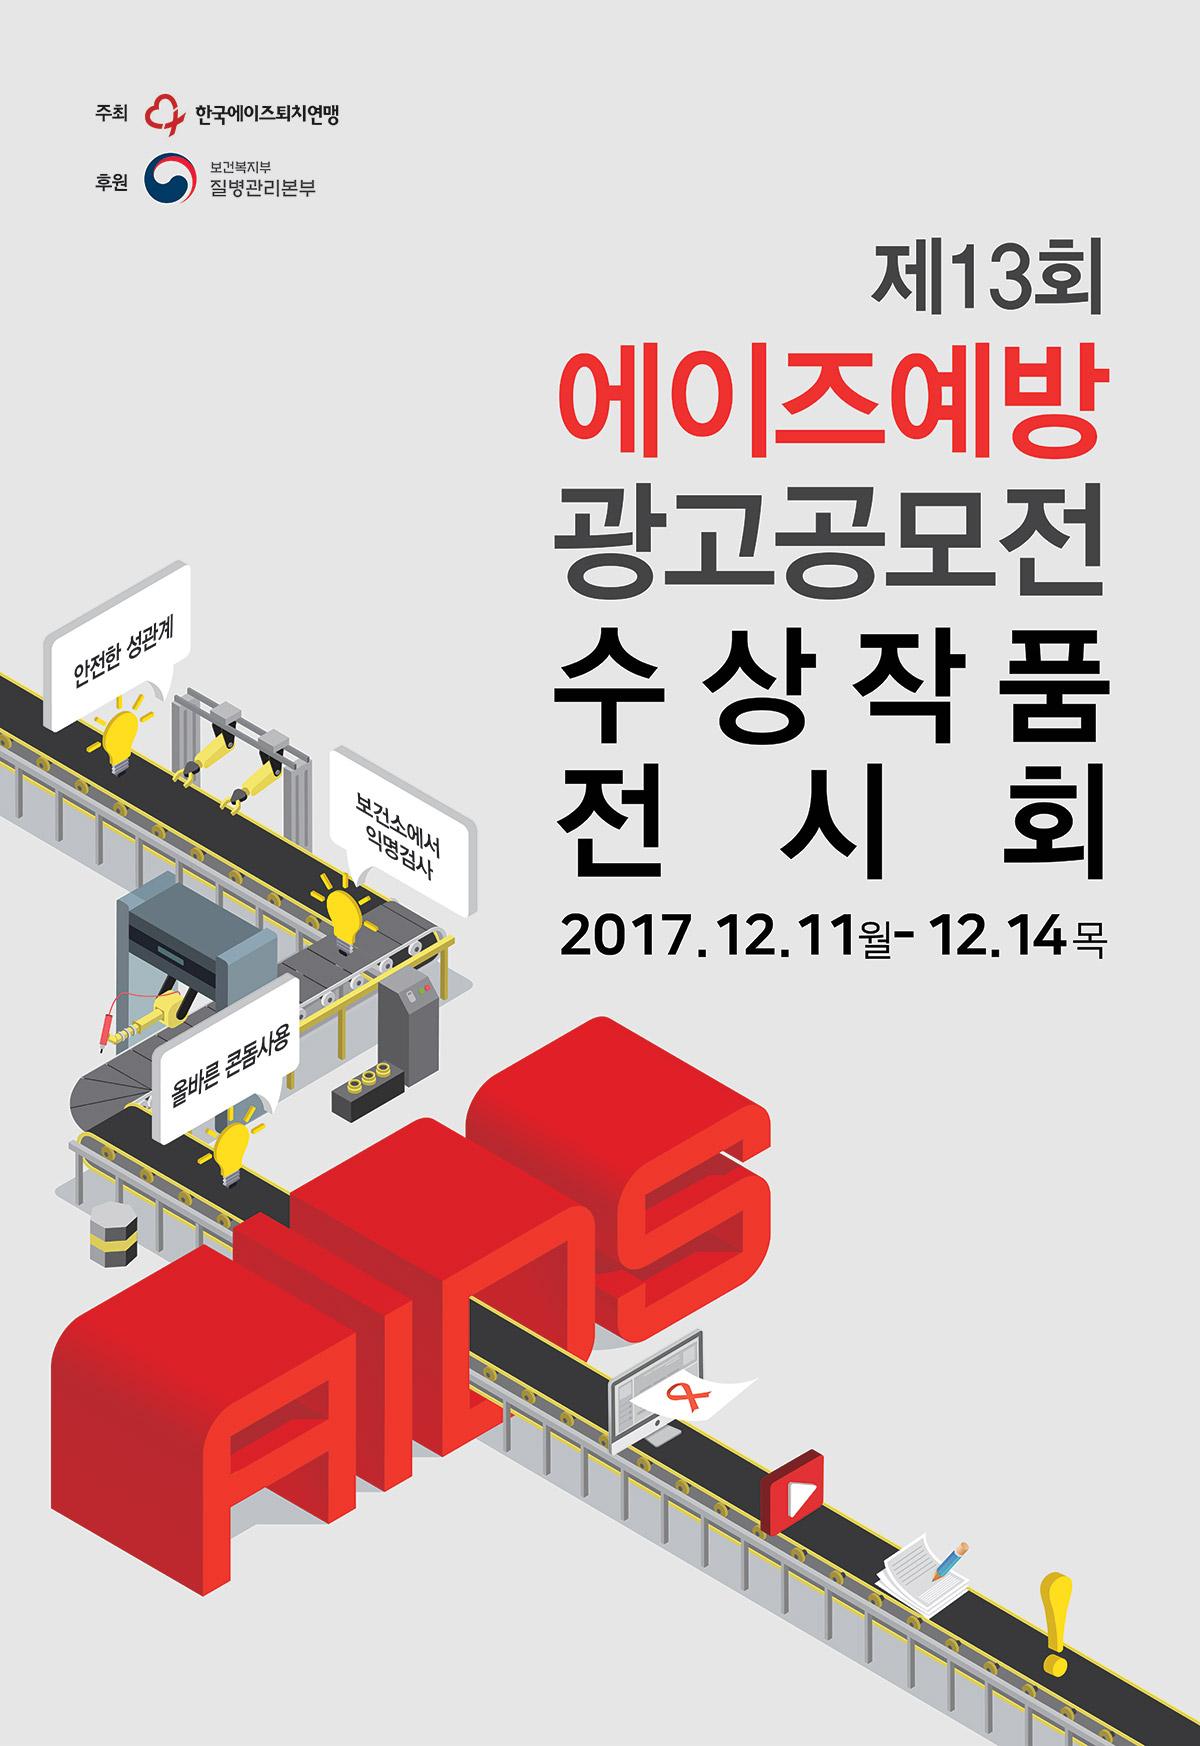 무료전시 제13회 에이즈예방 광고공모전 수상작품 전시 포스터